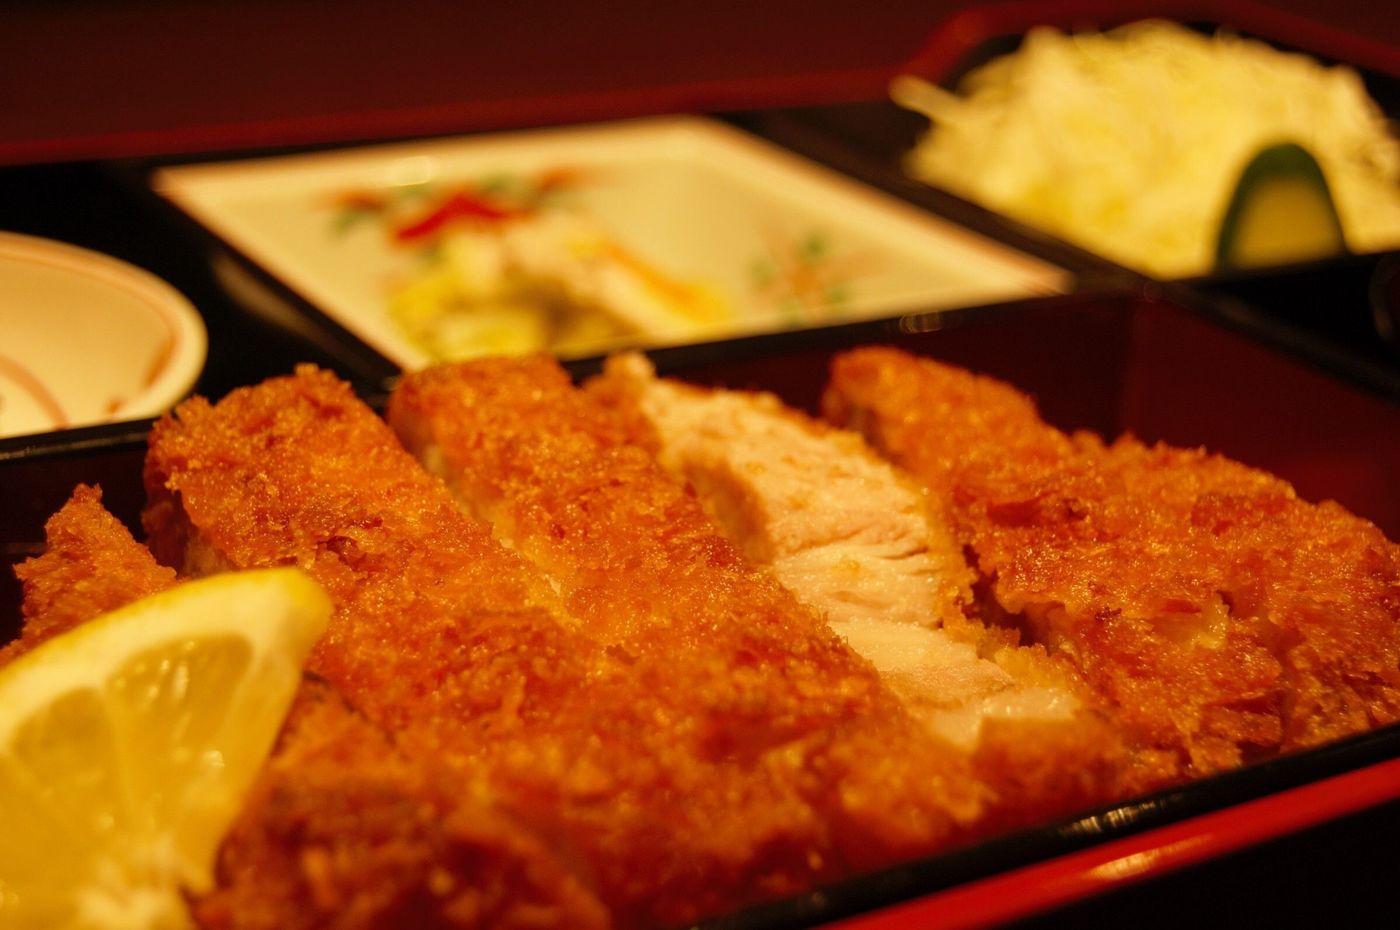 福岡でとんかつを食べる!エリアごとにおすすめのお店を紹介6選の画像